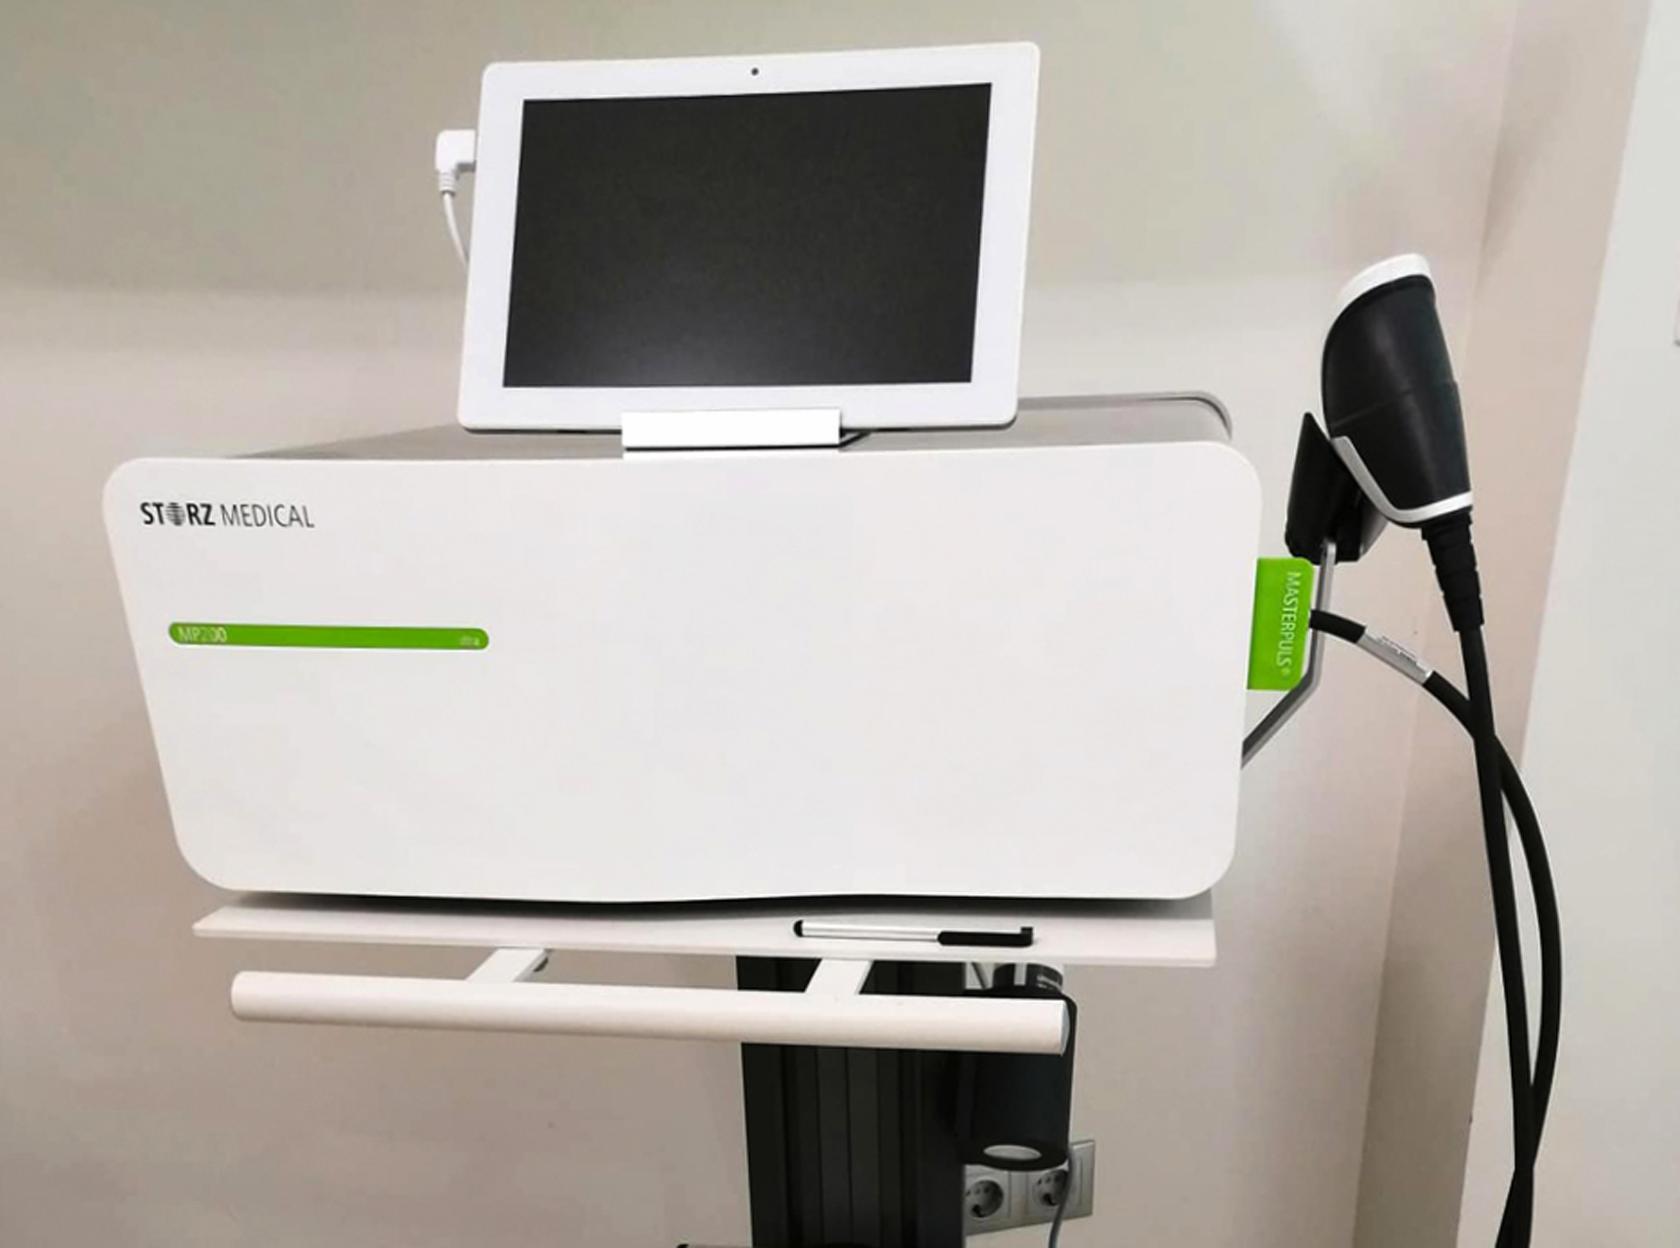 Új lökéshullám terápia gép